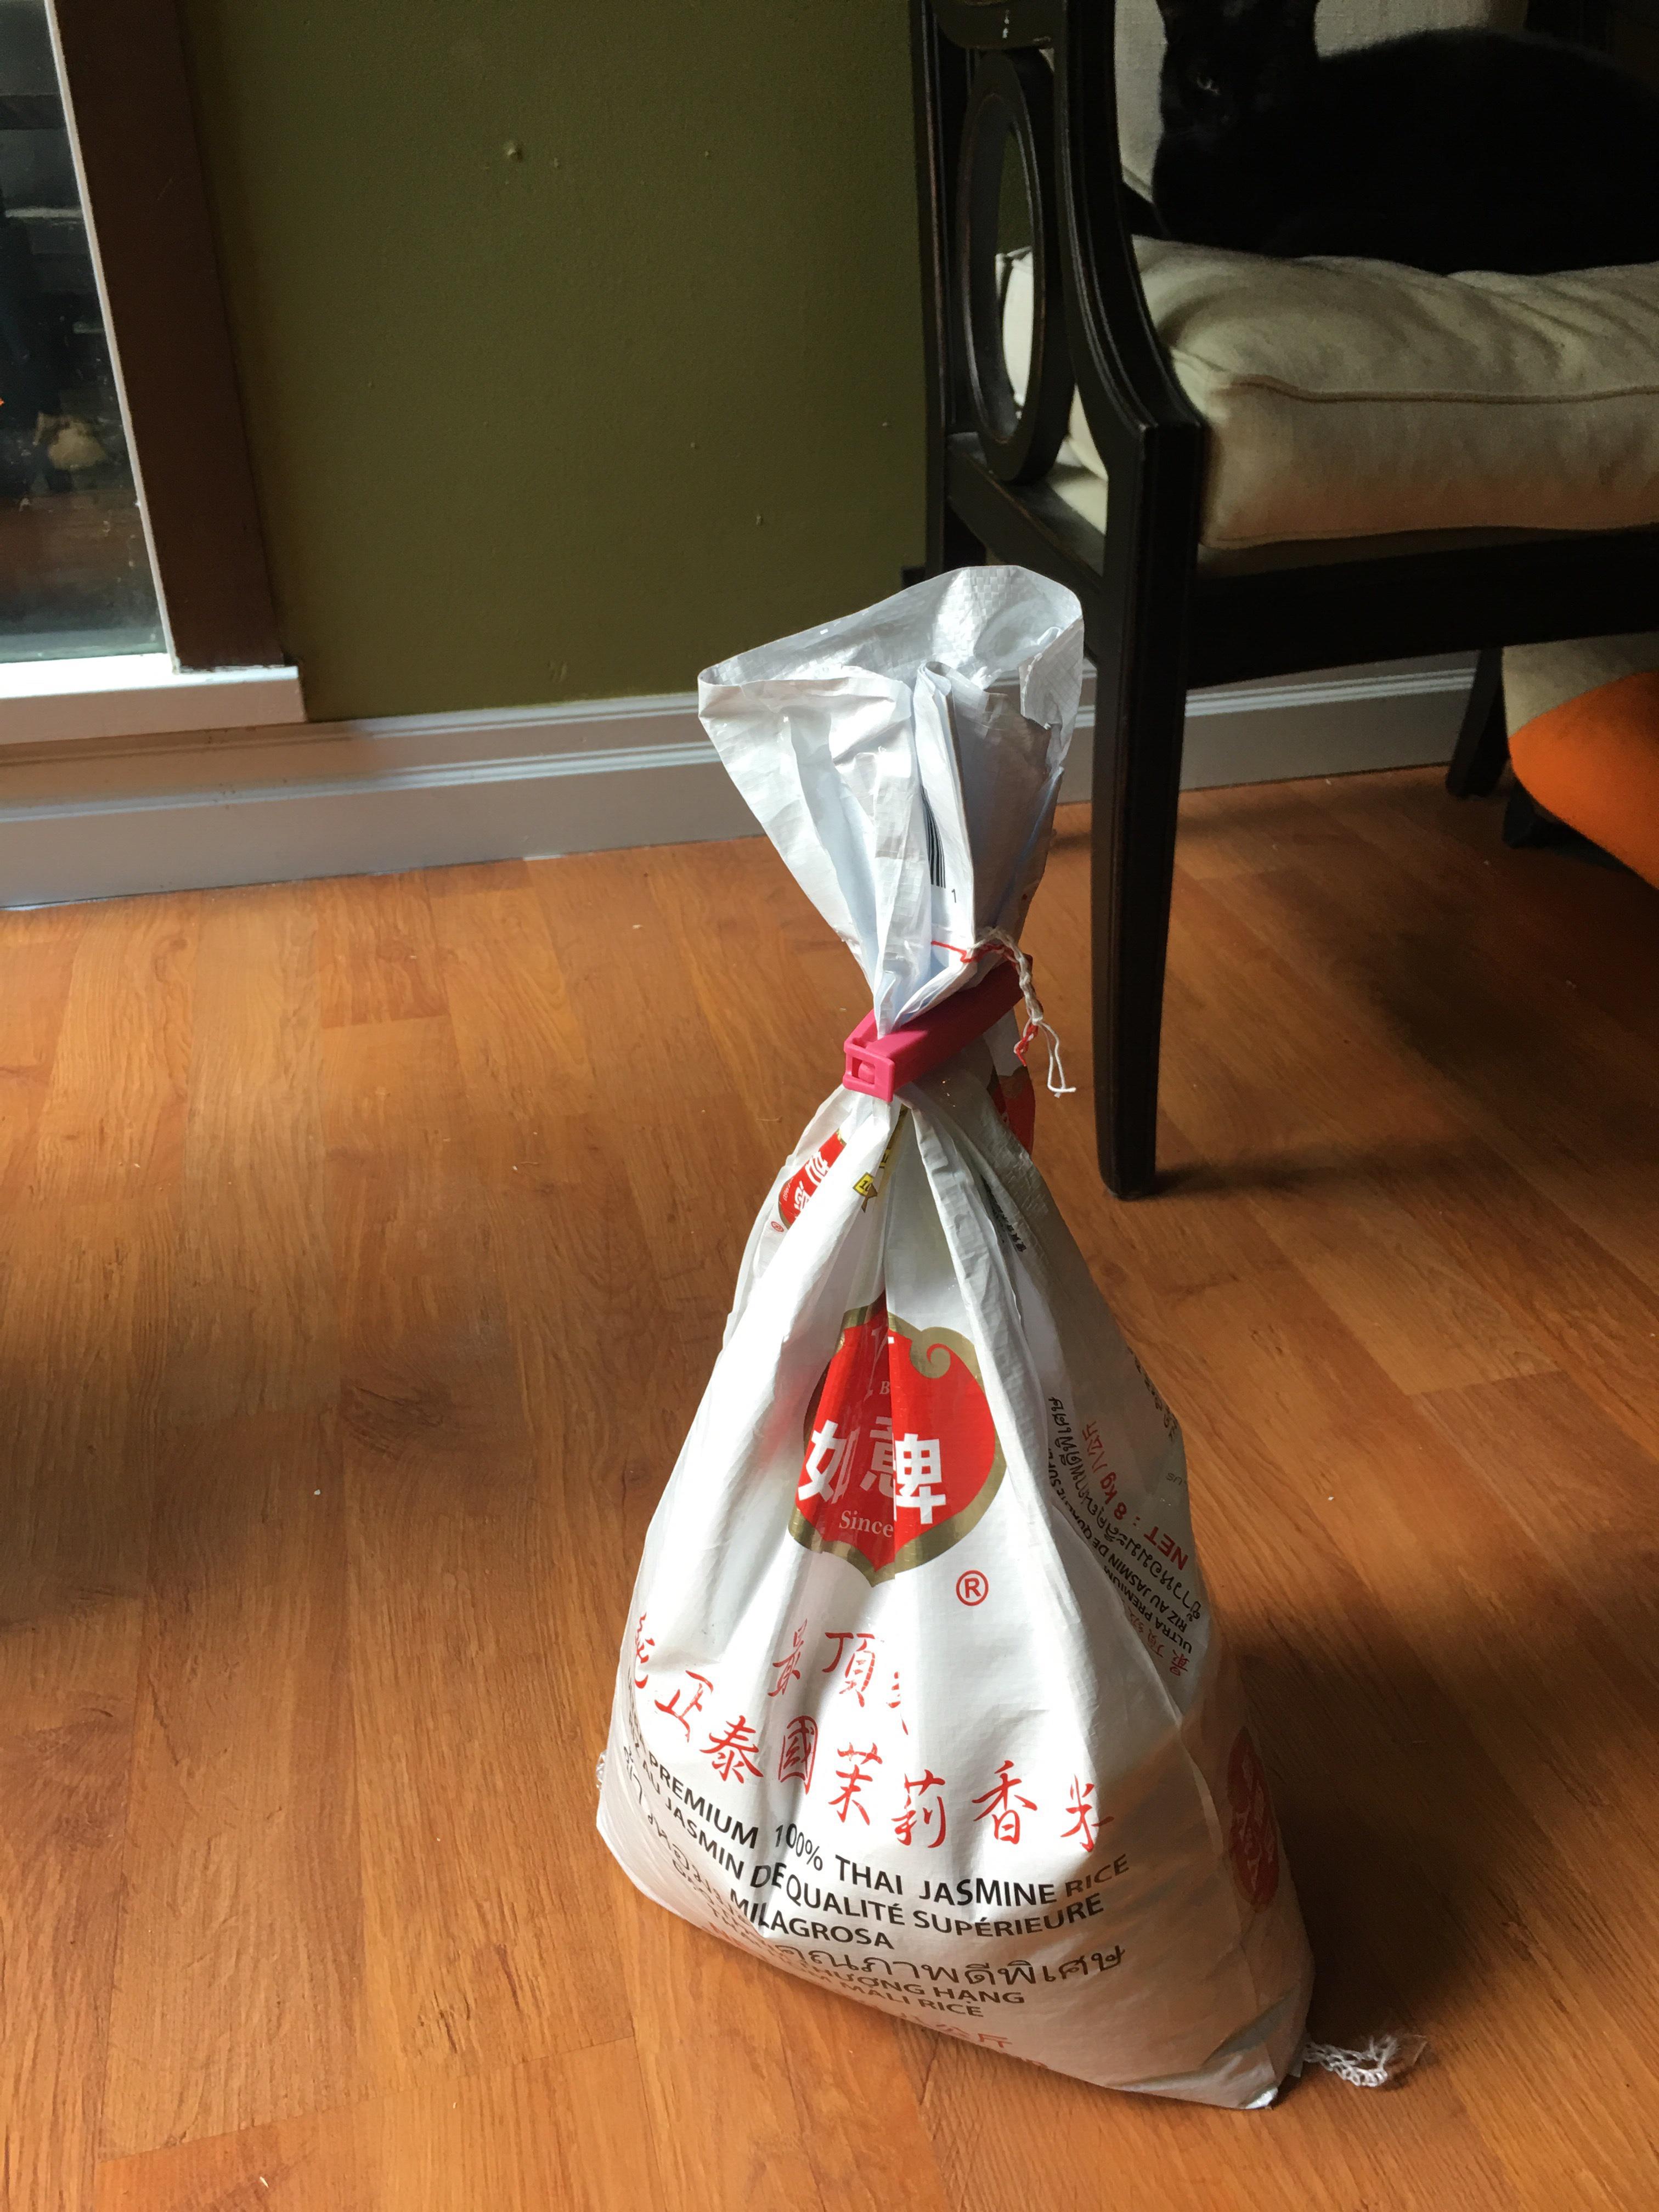 An 8 kilogram bag of jasmine rice sits on a slightly dirty floor